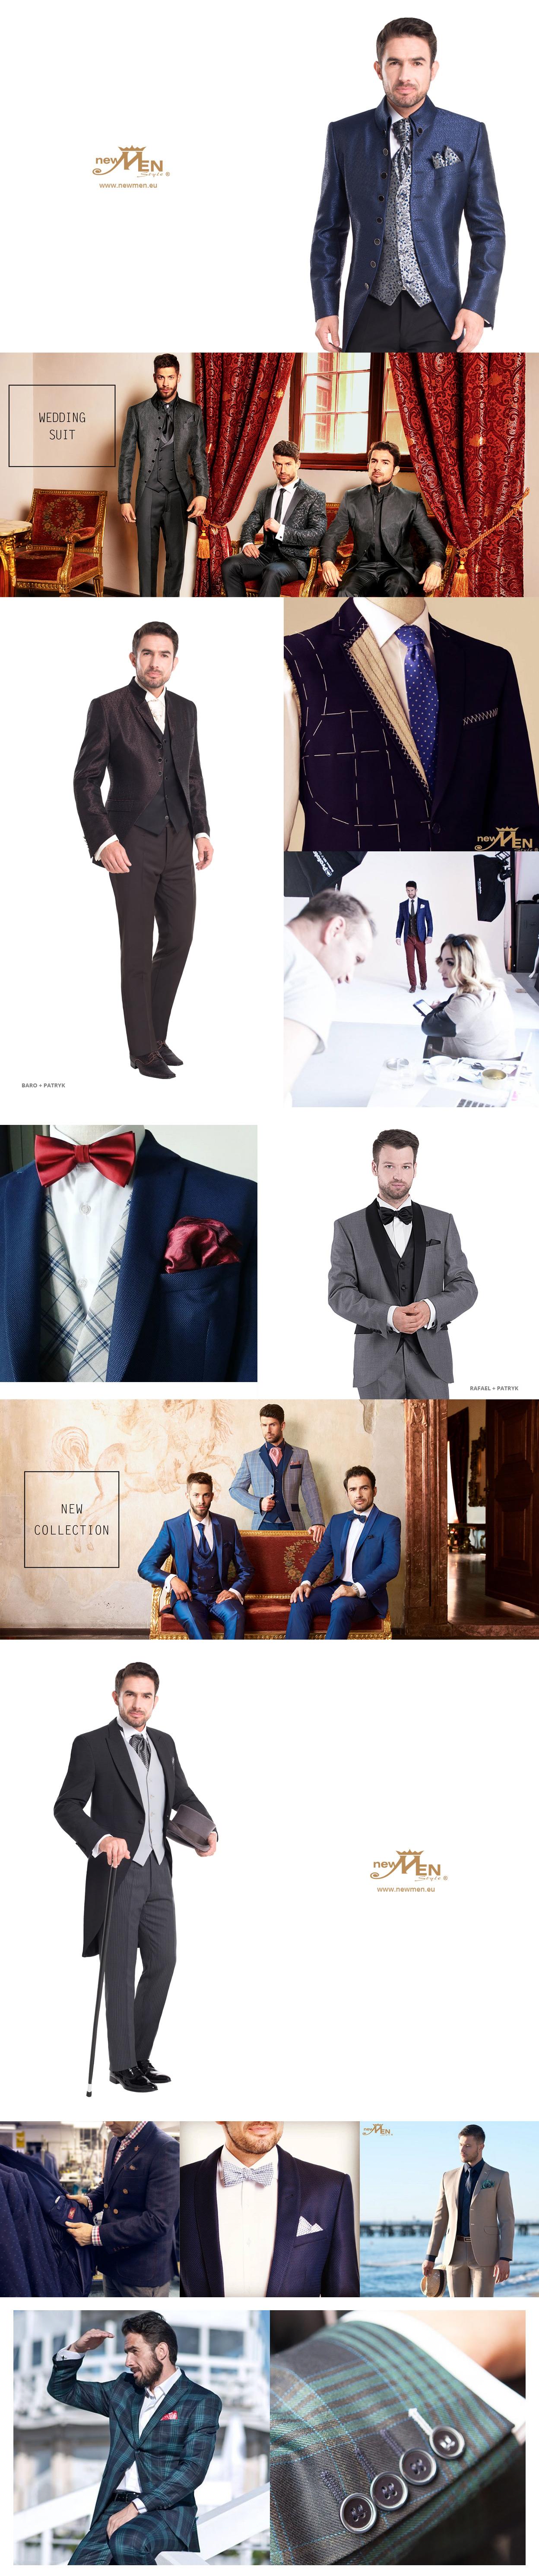 New Men Style 2020